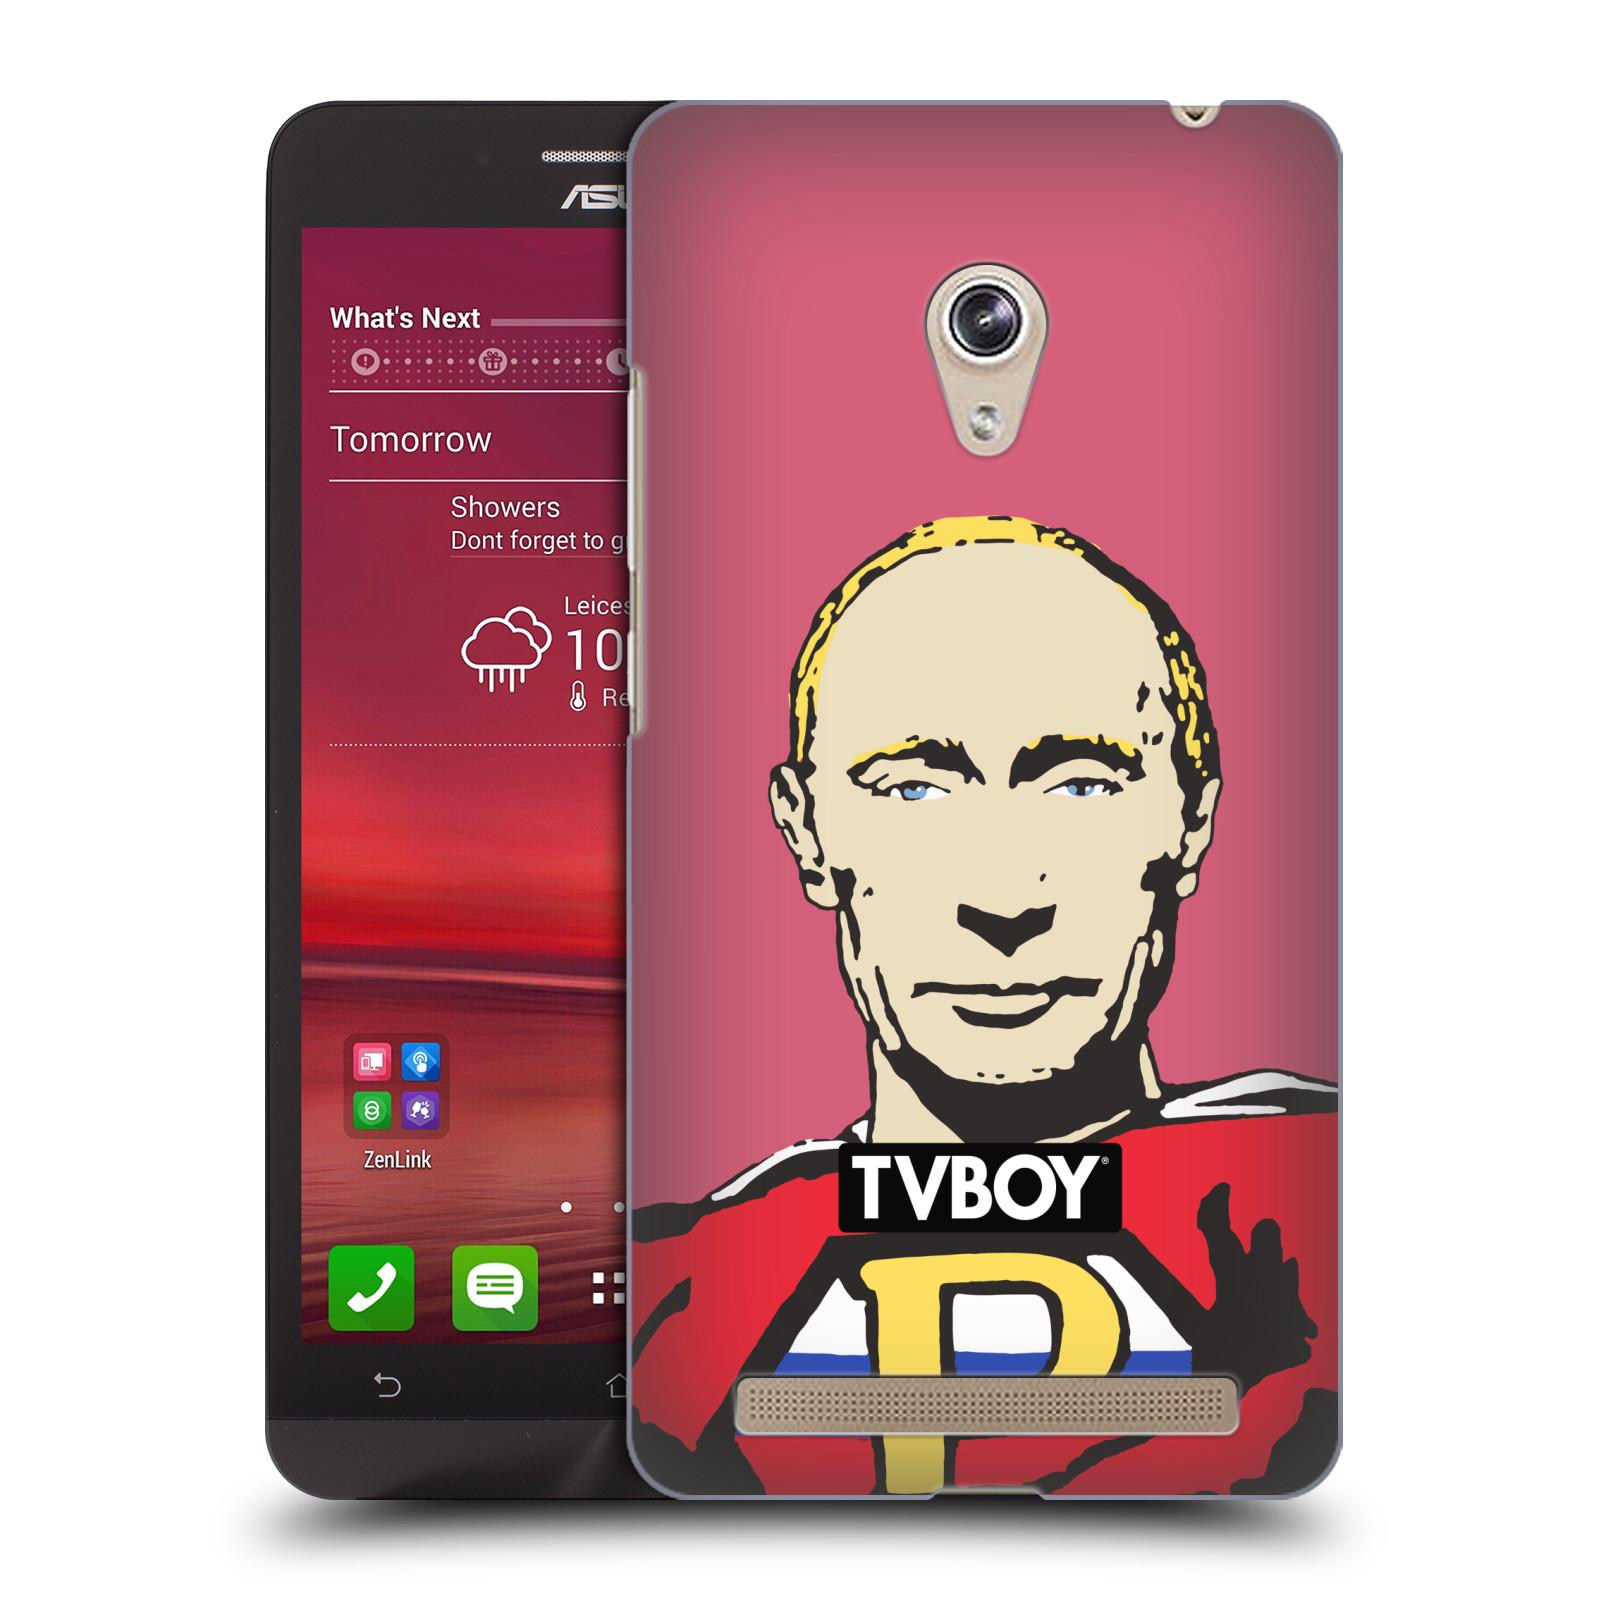 Plastové pouzdro na mobil Asus Zenfone 6 HEAD CASE - TVBOY - Super Putin (Kryt či obal na mobilní telefon s licencovaným motivem TVBOY pro Asus Zenfone 6 A600CG / A601CG)